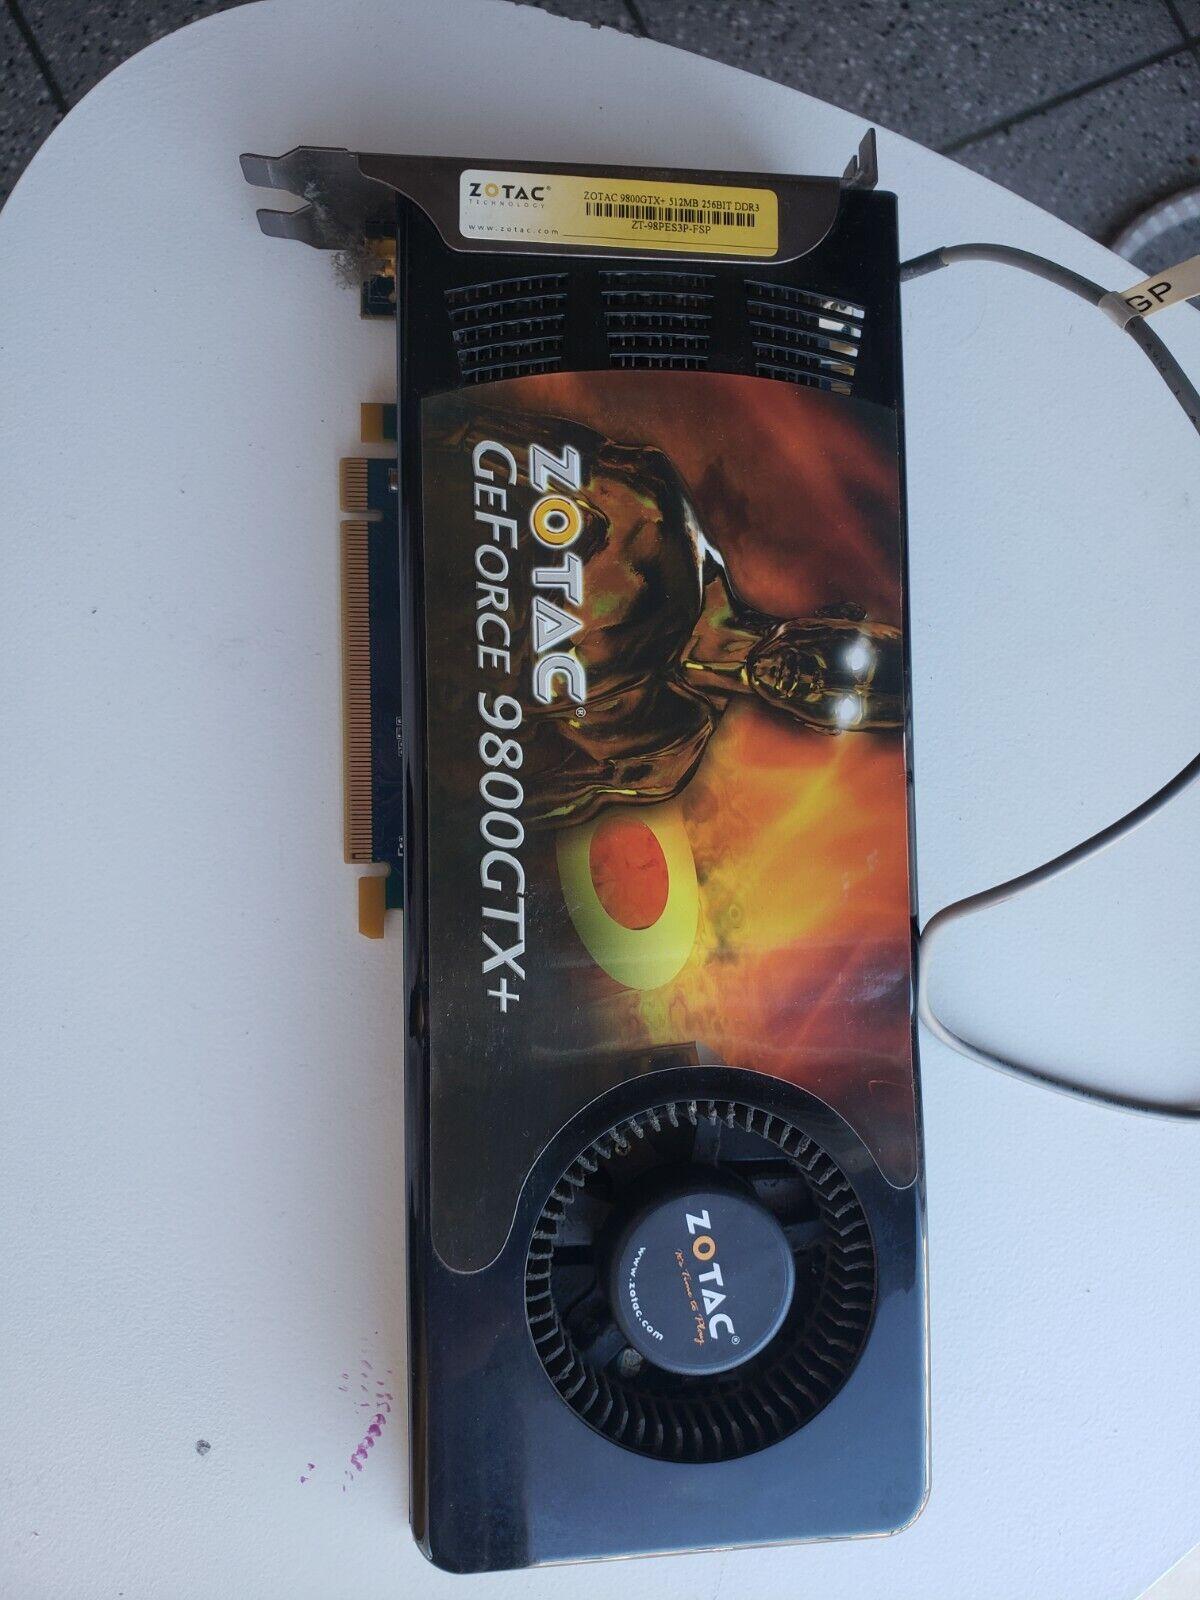 Zotac GeForce 9800 GTX +